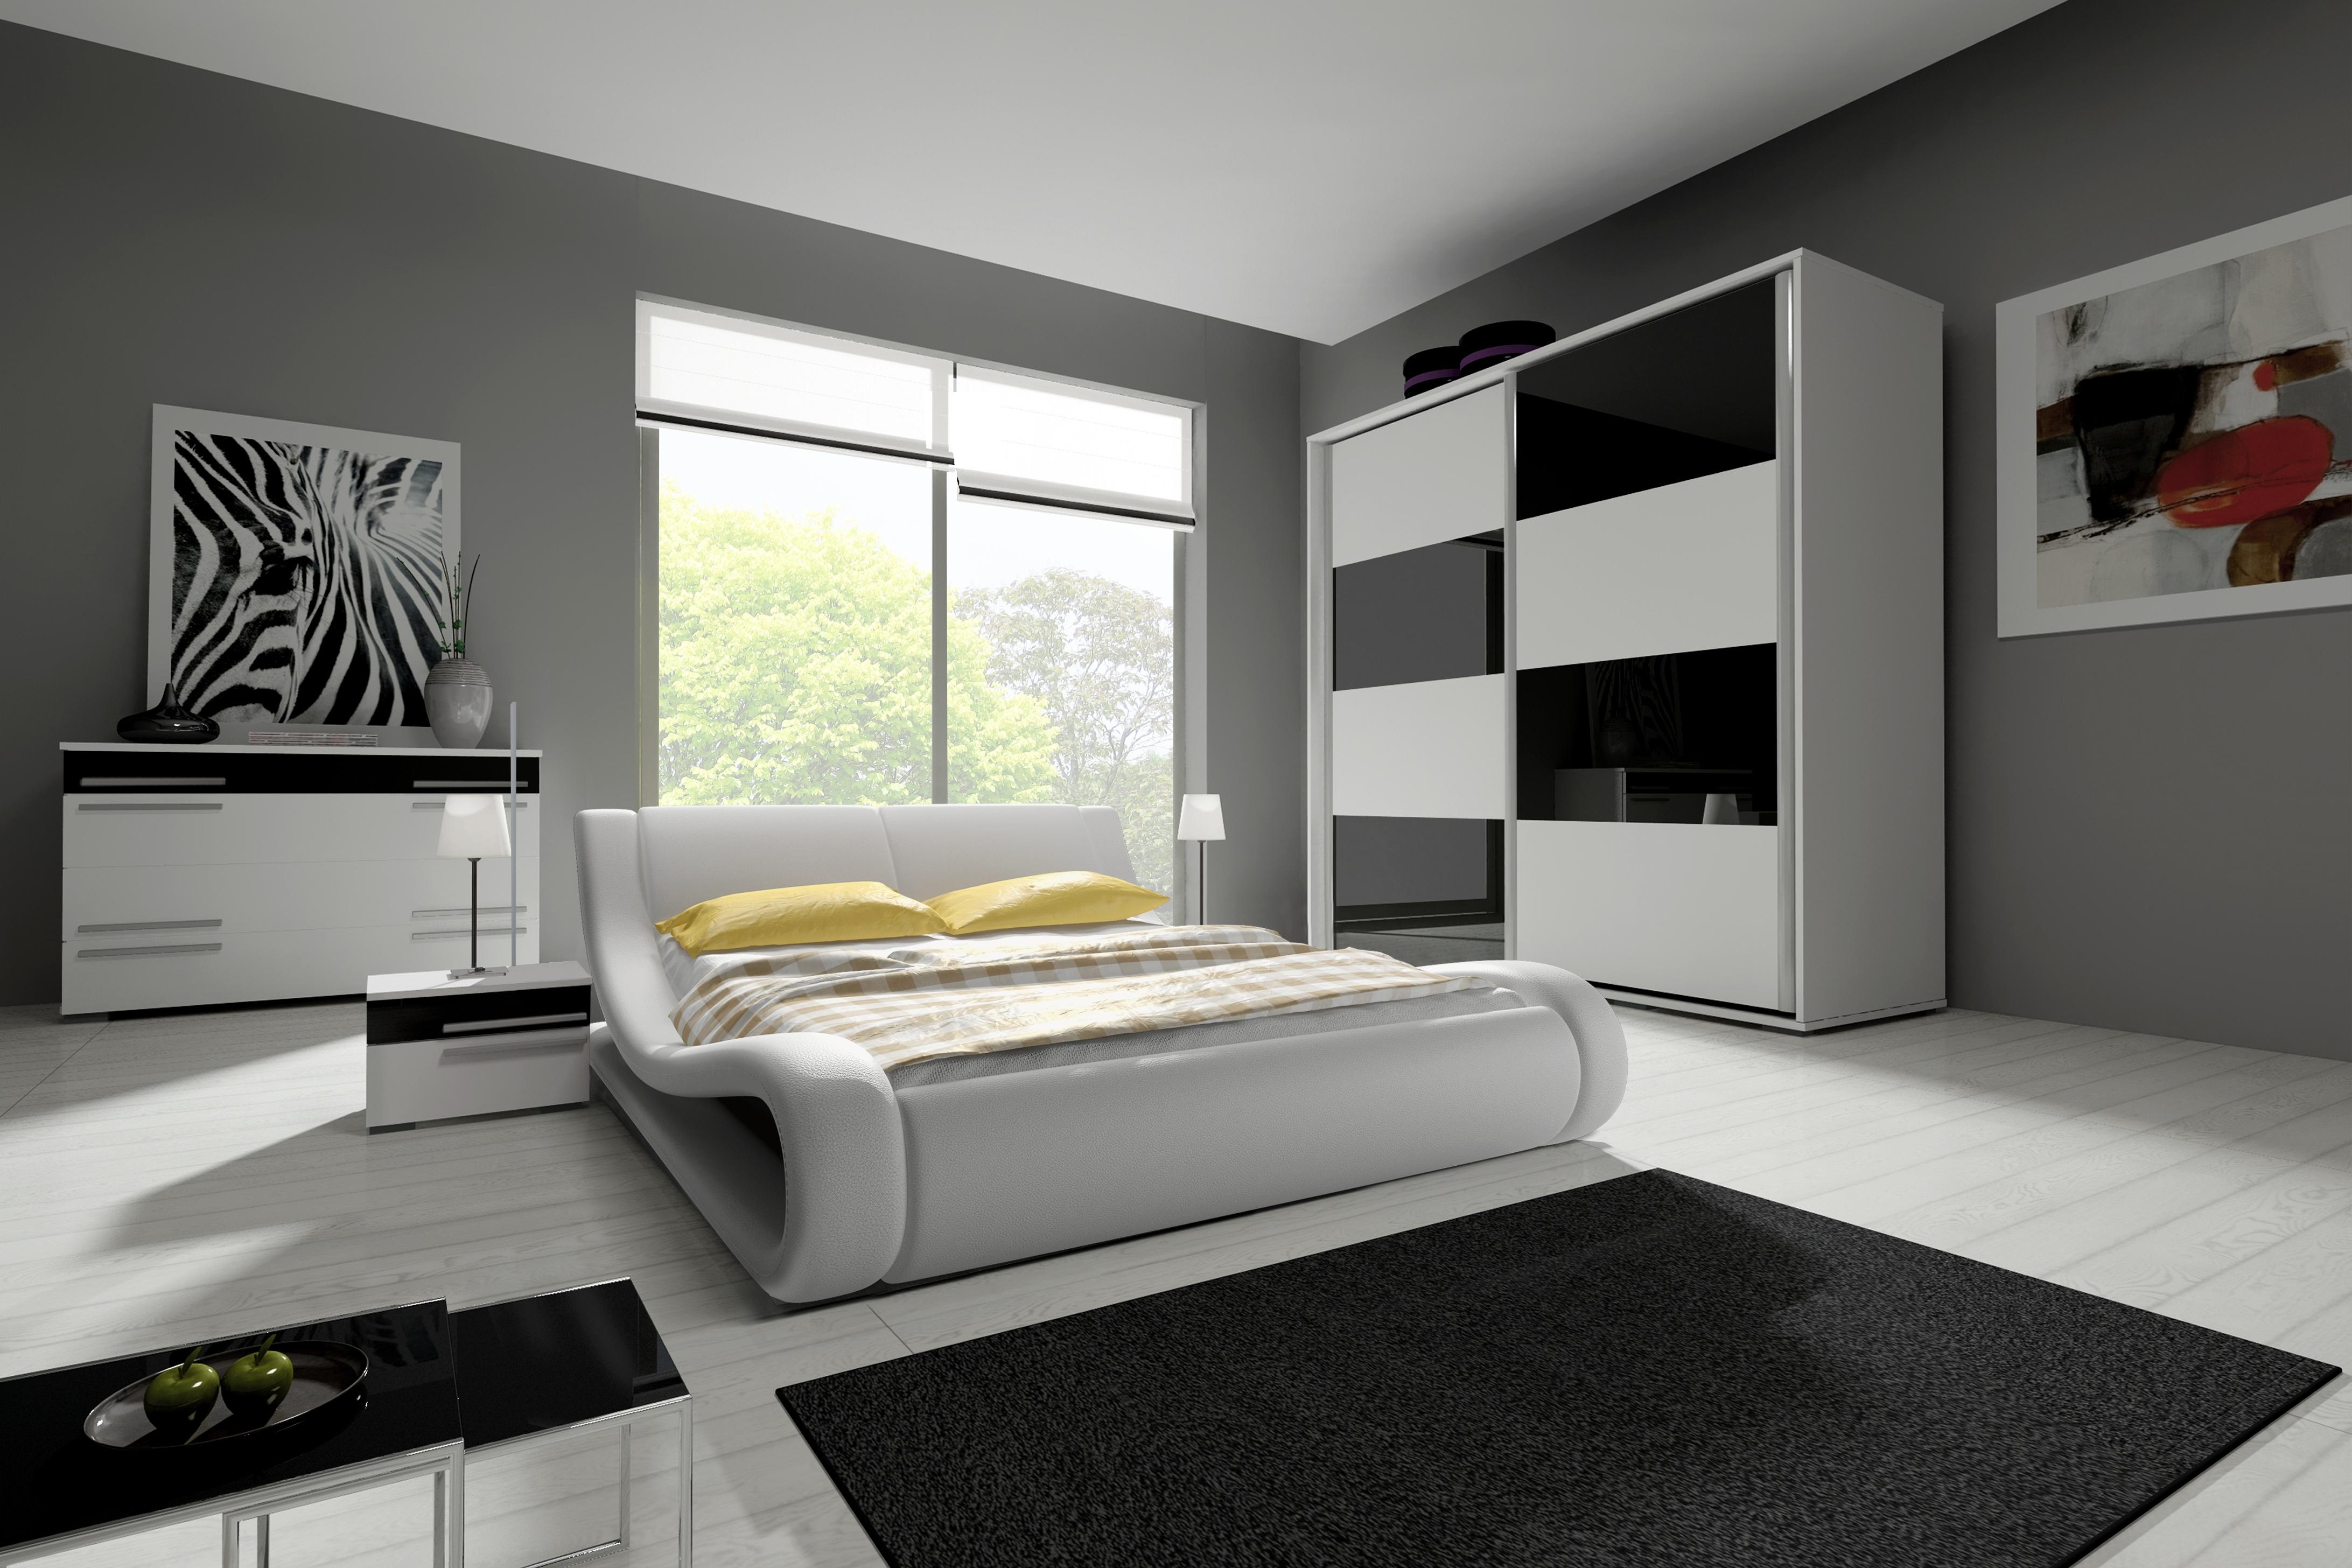 Ložnicová sestava KAYLA III (2x noční stolek, komoda, skříň 200, postel TRINITY 180x200), bílá/bílá lesk